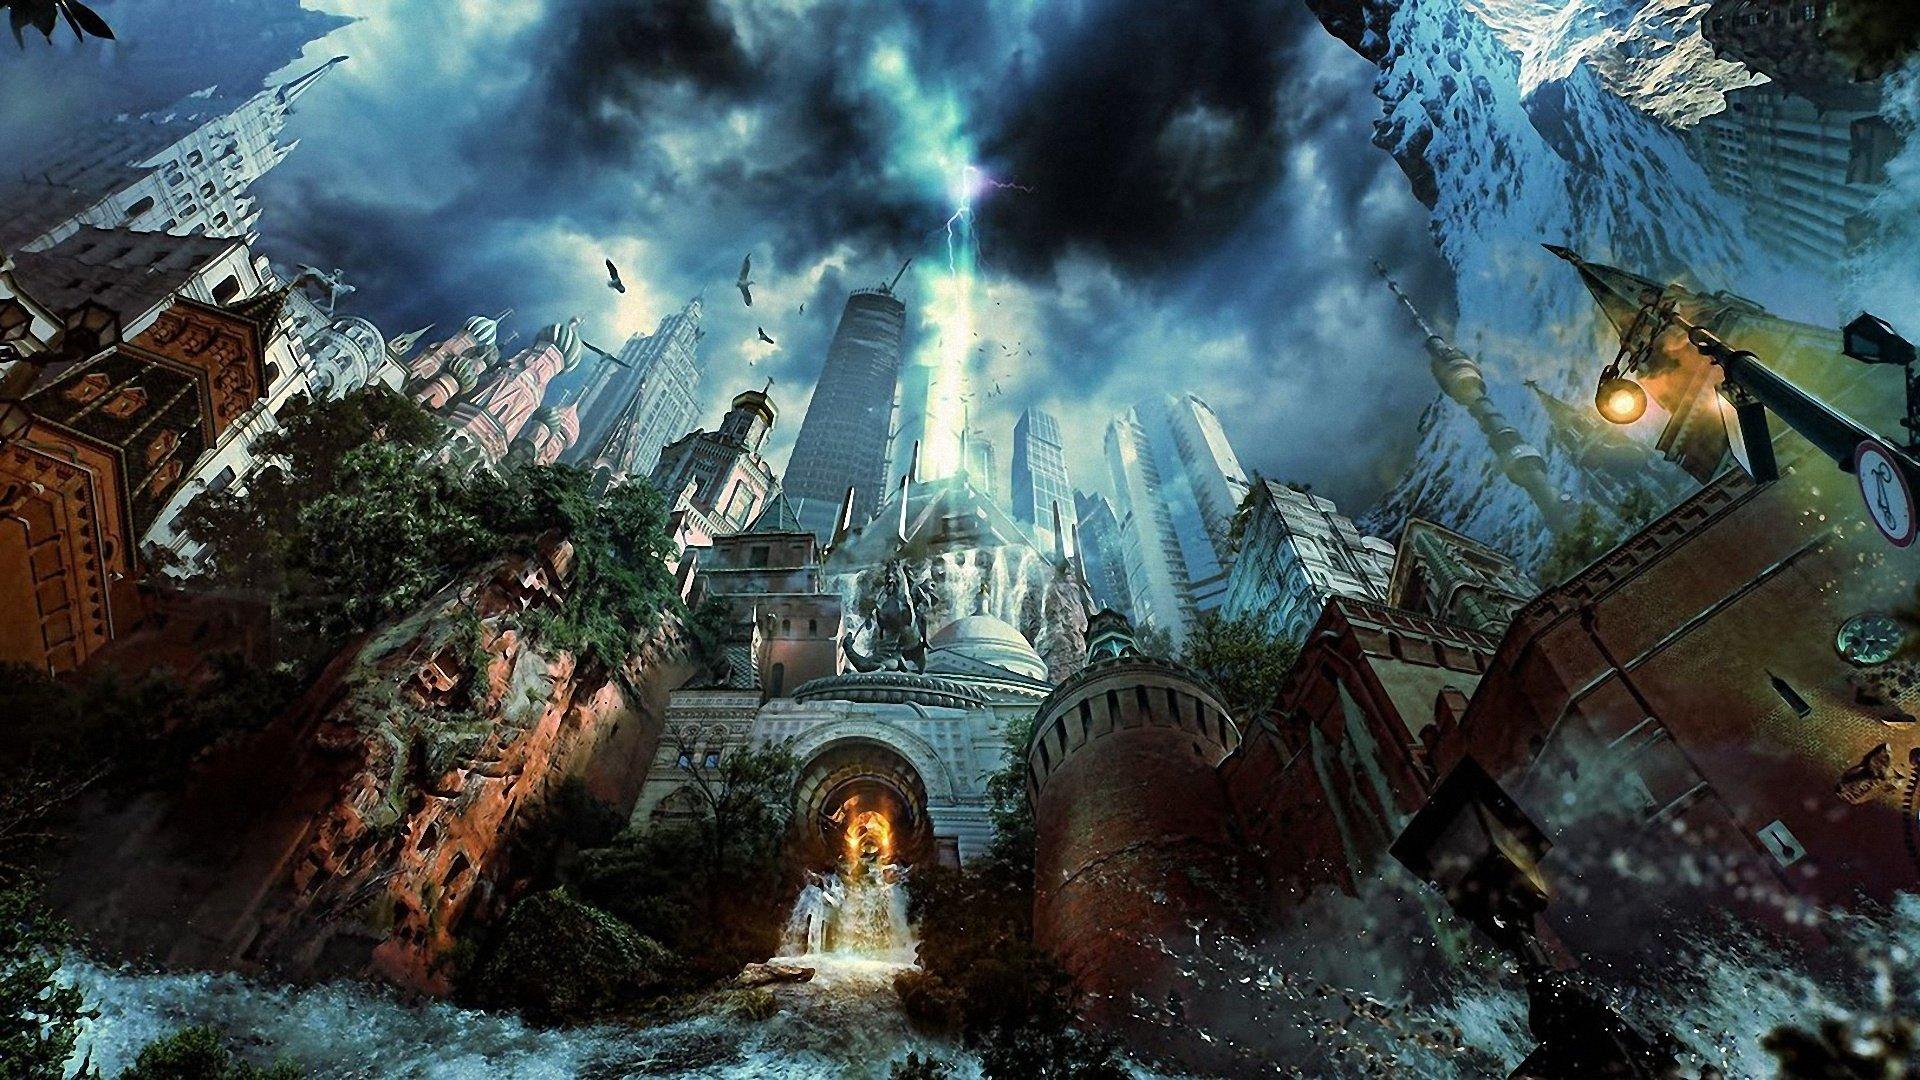 Апокалипсис - что это? взгляд церкви на апокалипсис, его значение| православие и мир